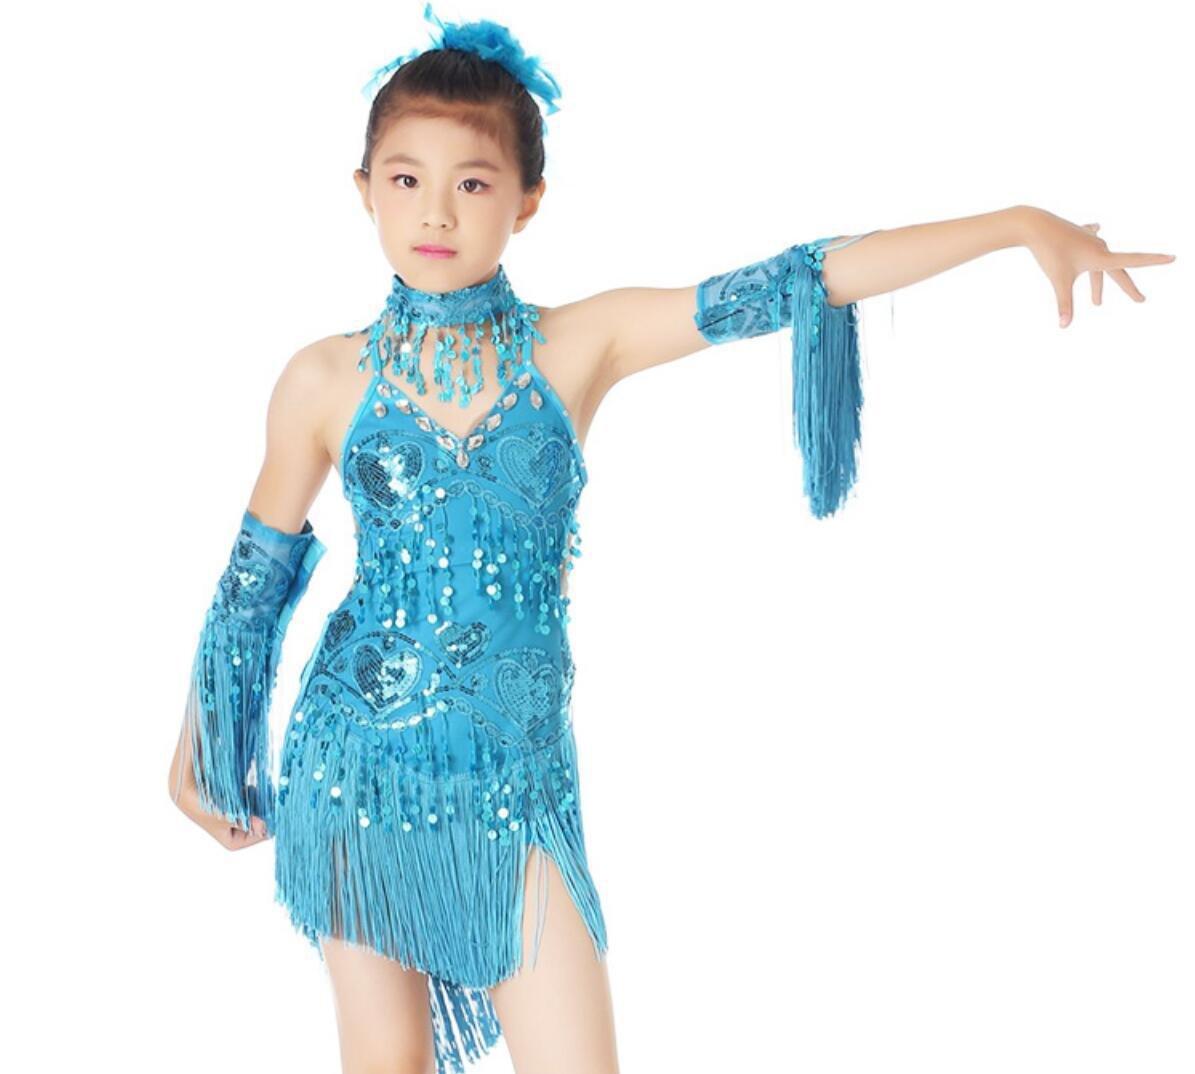 Bleu Costume de Danse de Danse Latine Enfants Robe de Danse Latine Su Liu Jupe de Danse Latine Blanc Jaune   Rose Rouge Rouge   Bleu 3XL